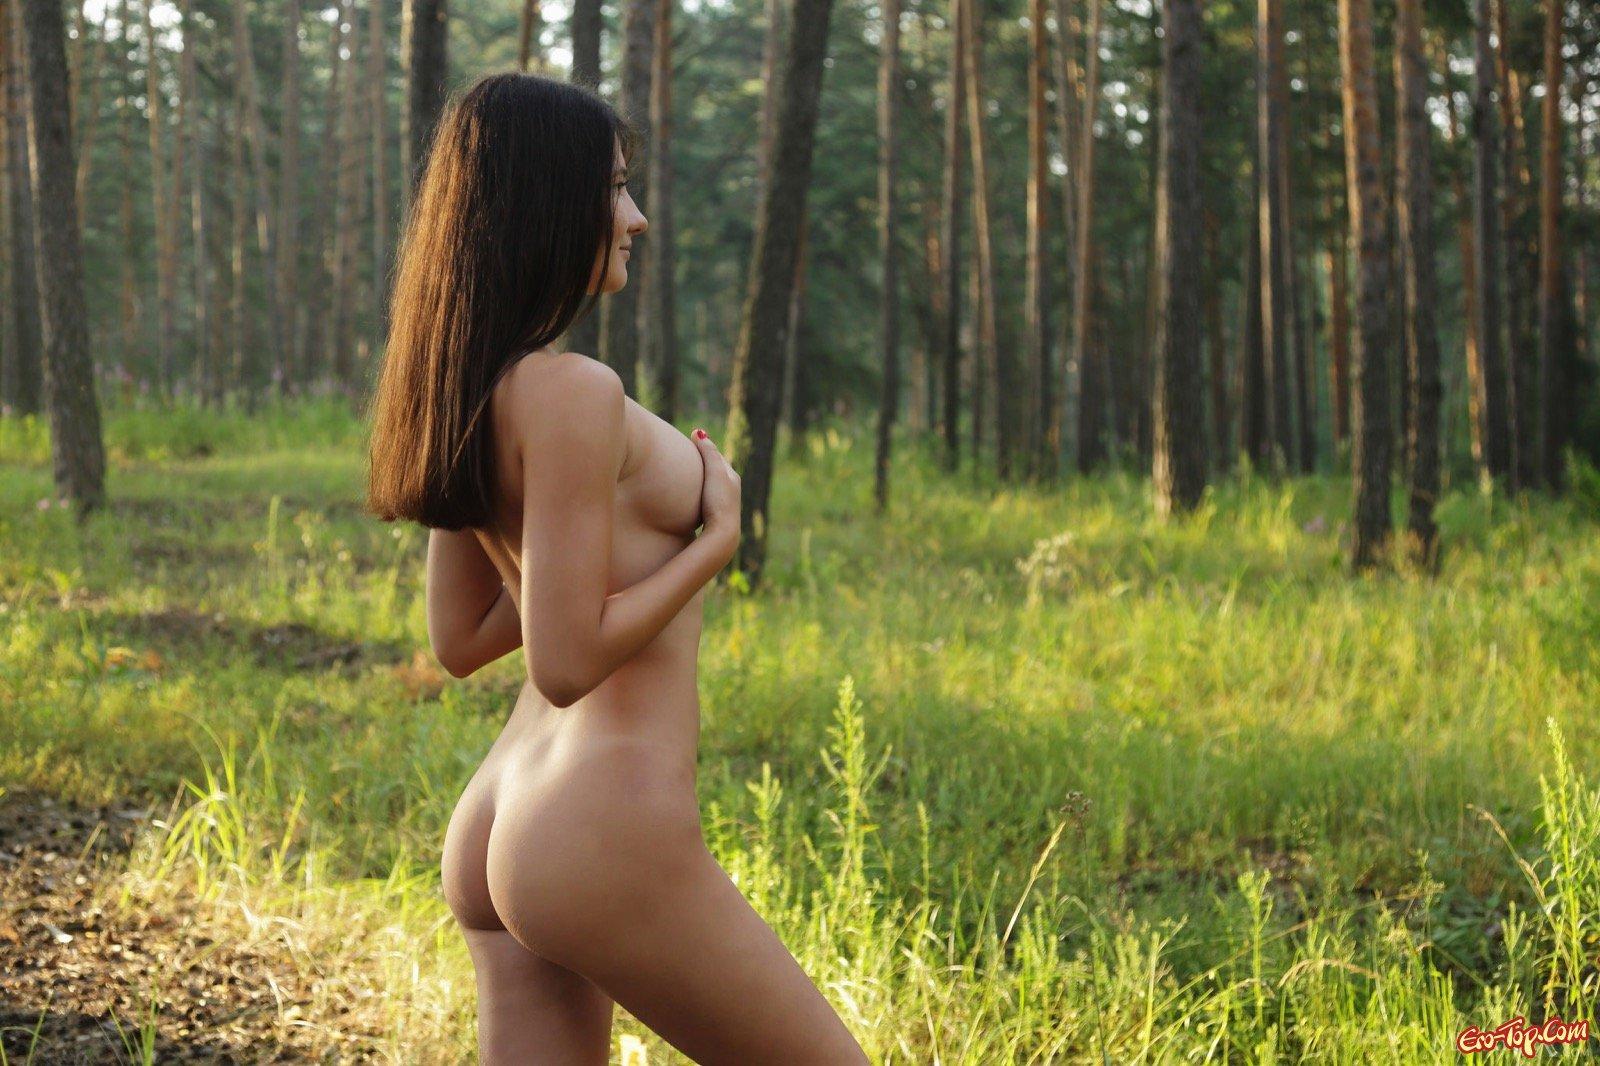 Симпатичная девушка снимает шортики и майку в лесу